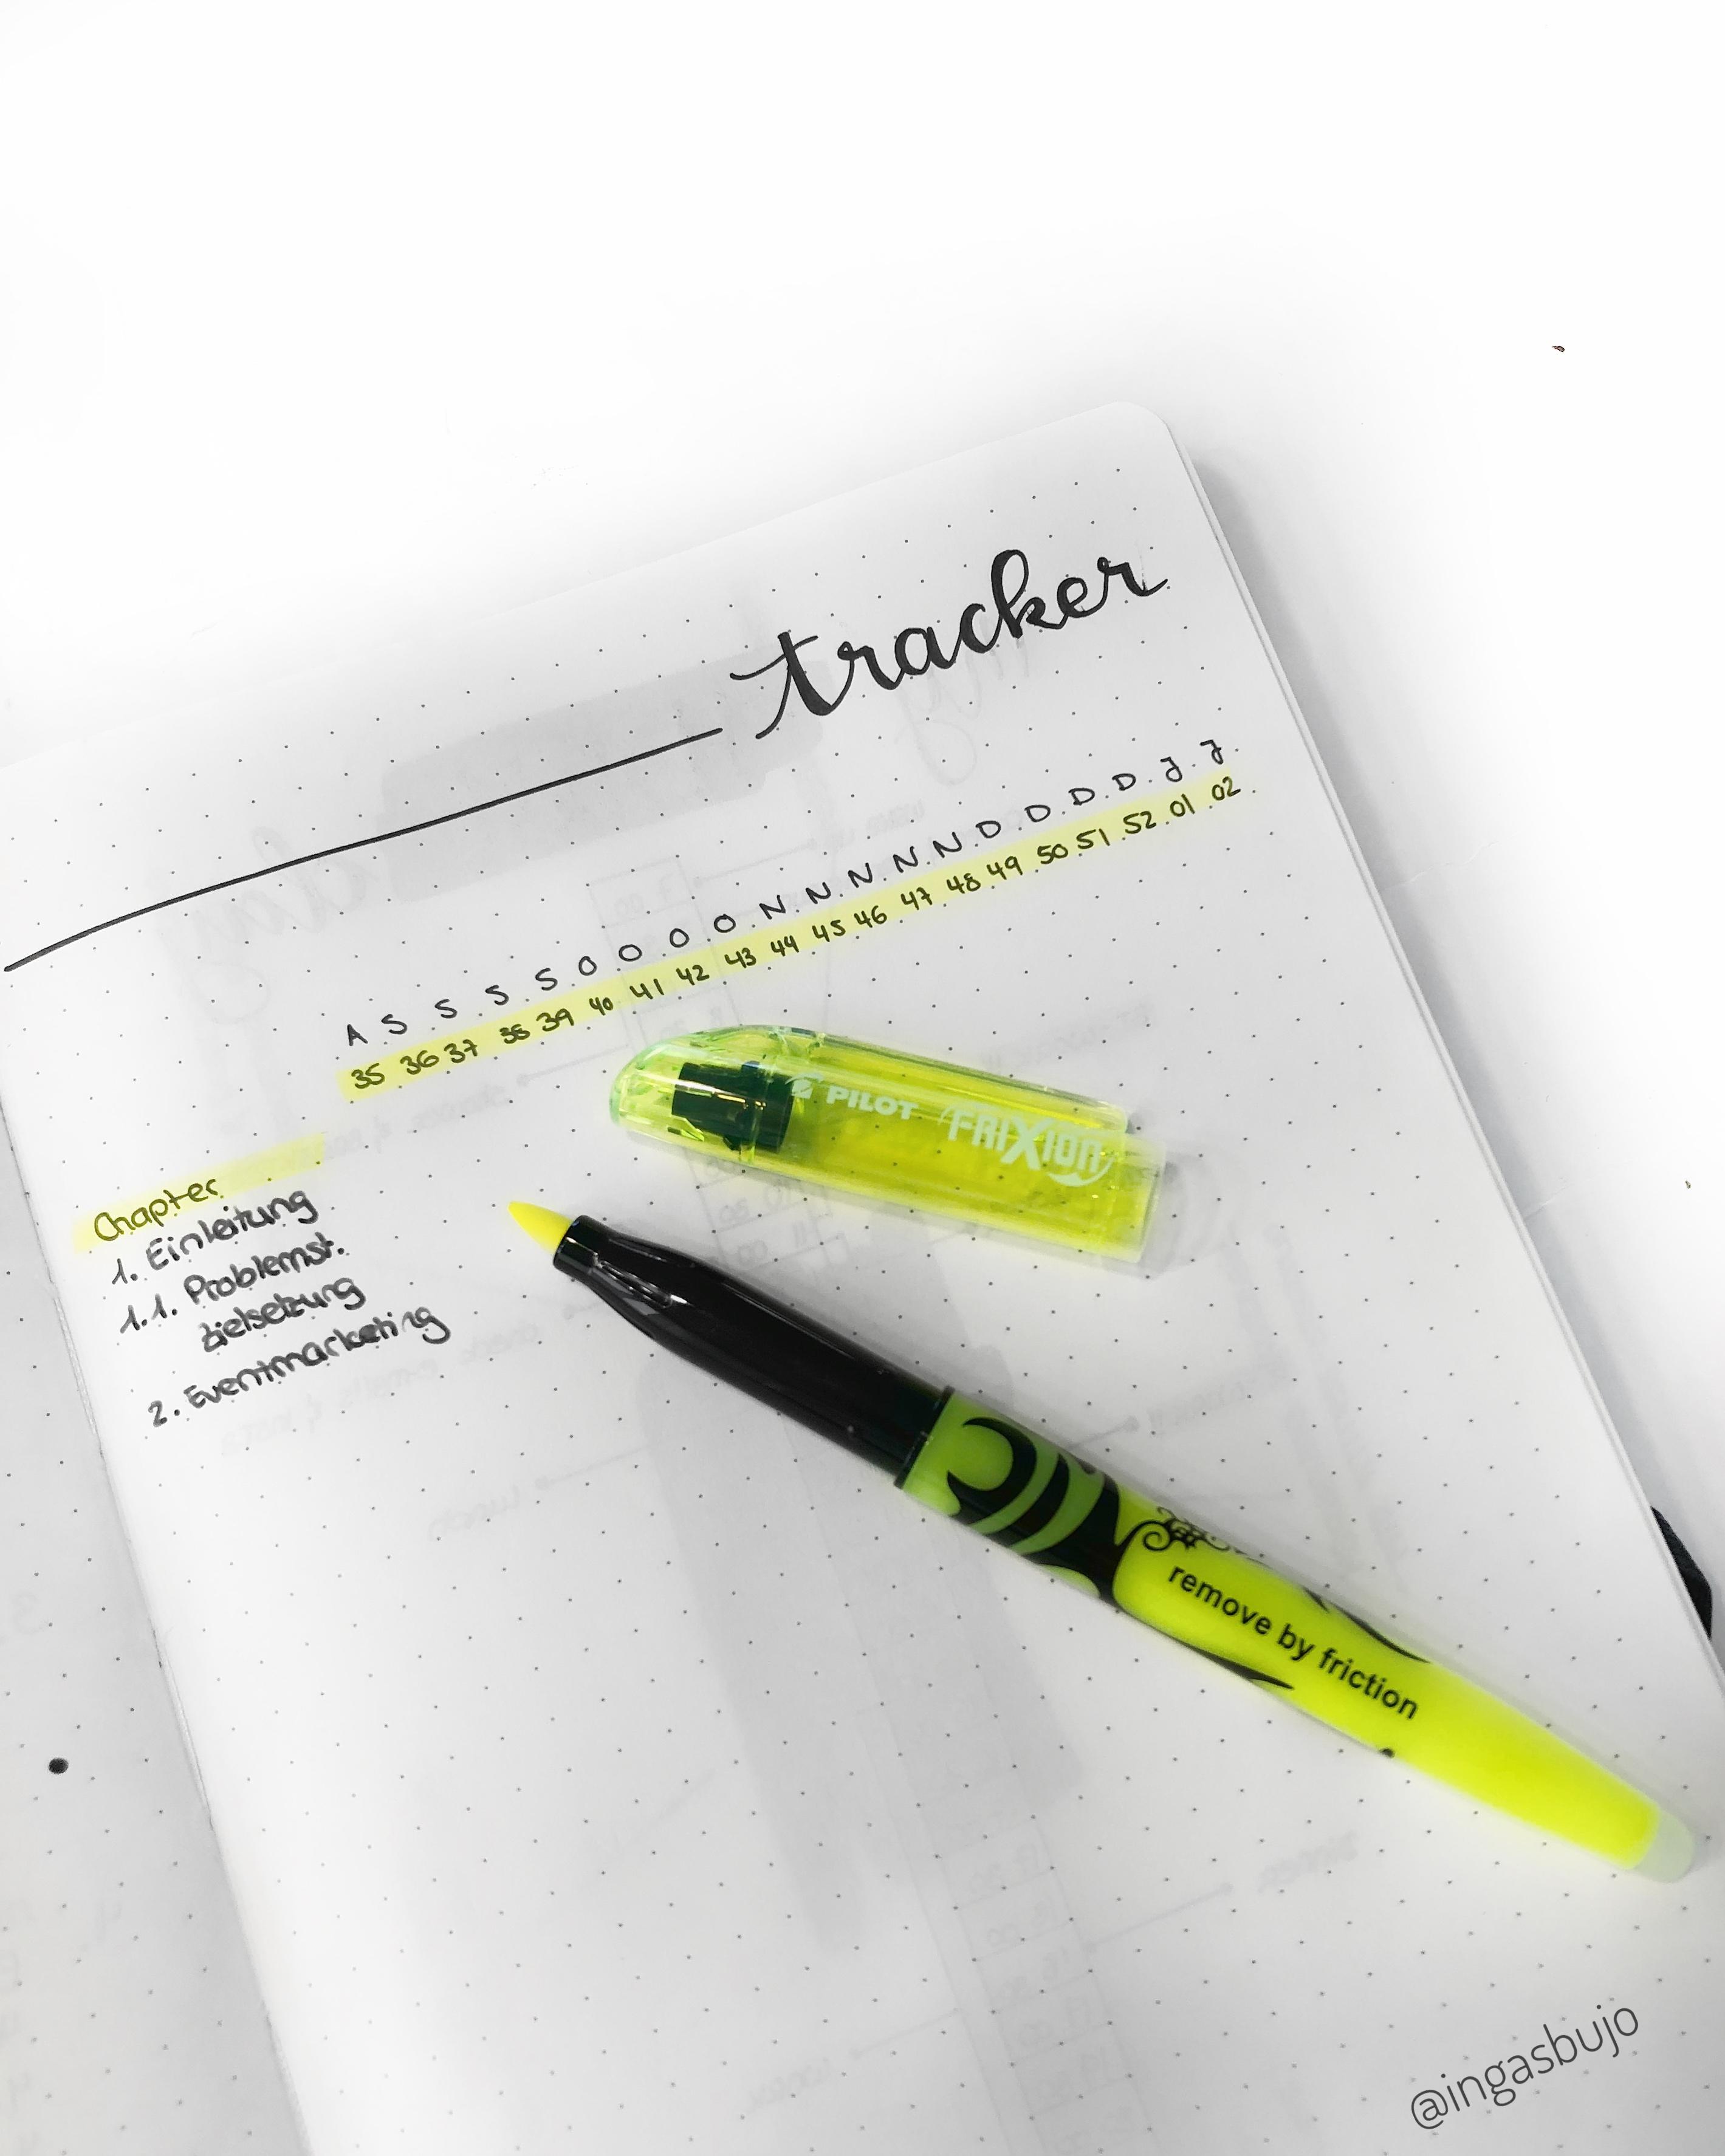 ein Bachelor Thesis Tracker im Bullet Journal, bei dem abgehakt werden kann, ob ein Kapitel recherchiert, geschrieben und schon Korrektur gelesen wurde.